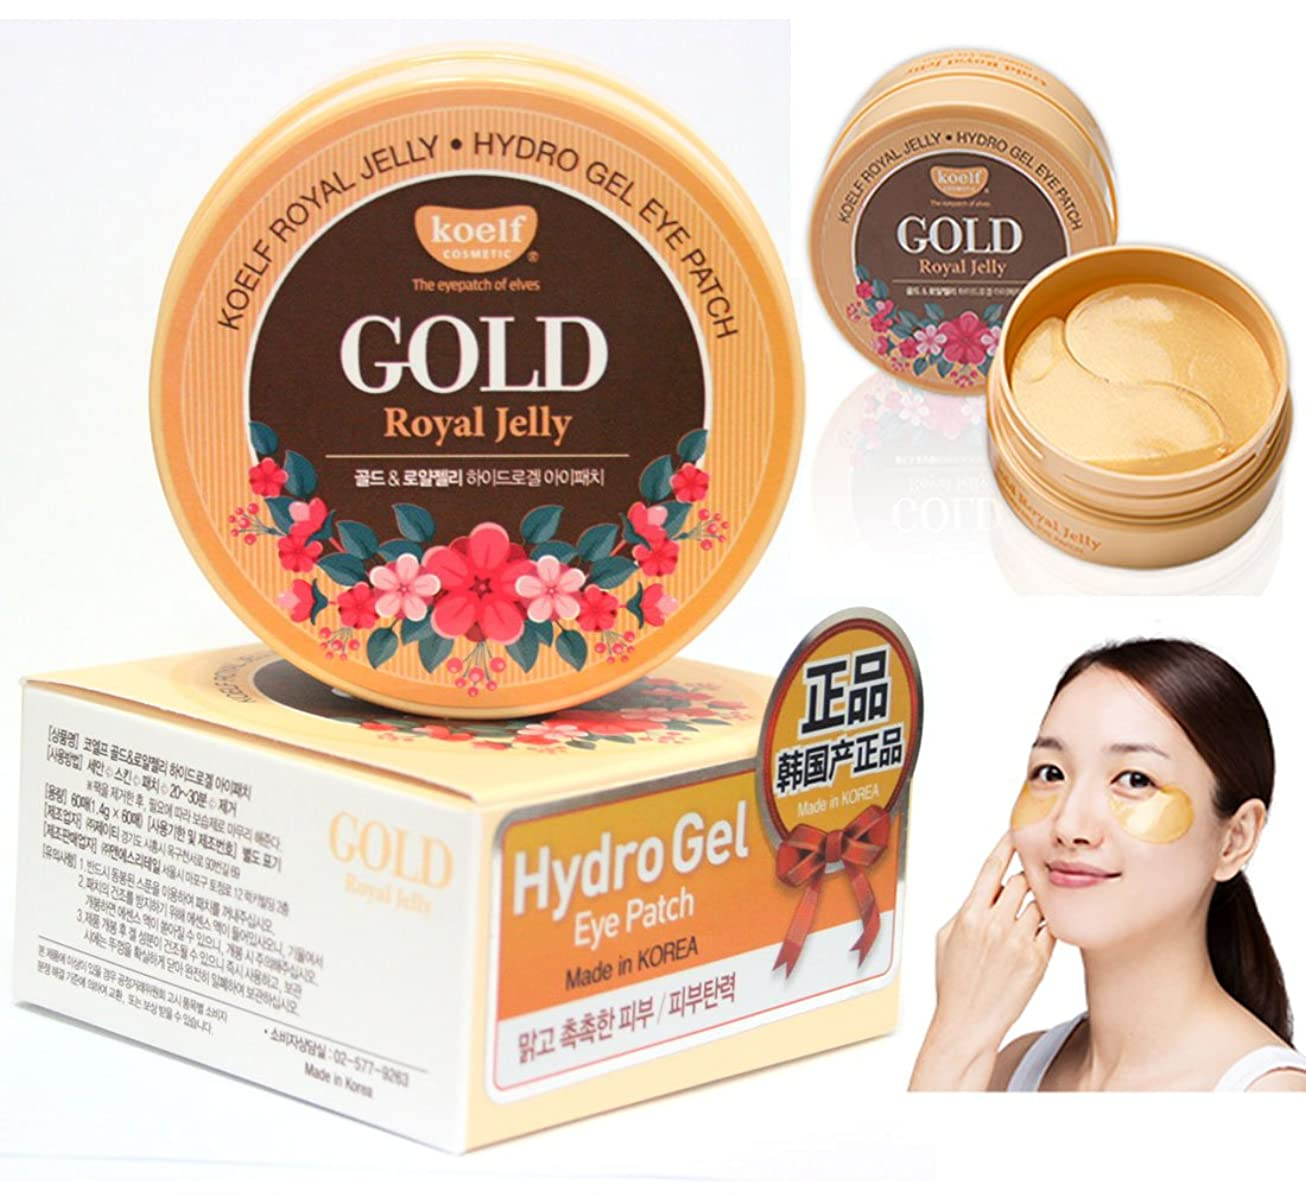 許す表示約【Koelf]ゴールドローヤルゼリーハイドロゲルアイパッチ60個(30組) / Gold Royal Jelly Hydro Gel Eye Patch 60pcs(30pairs) / 韓国化粧品 / Korean Cosmetics [並行輸入品]